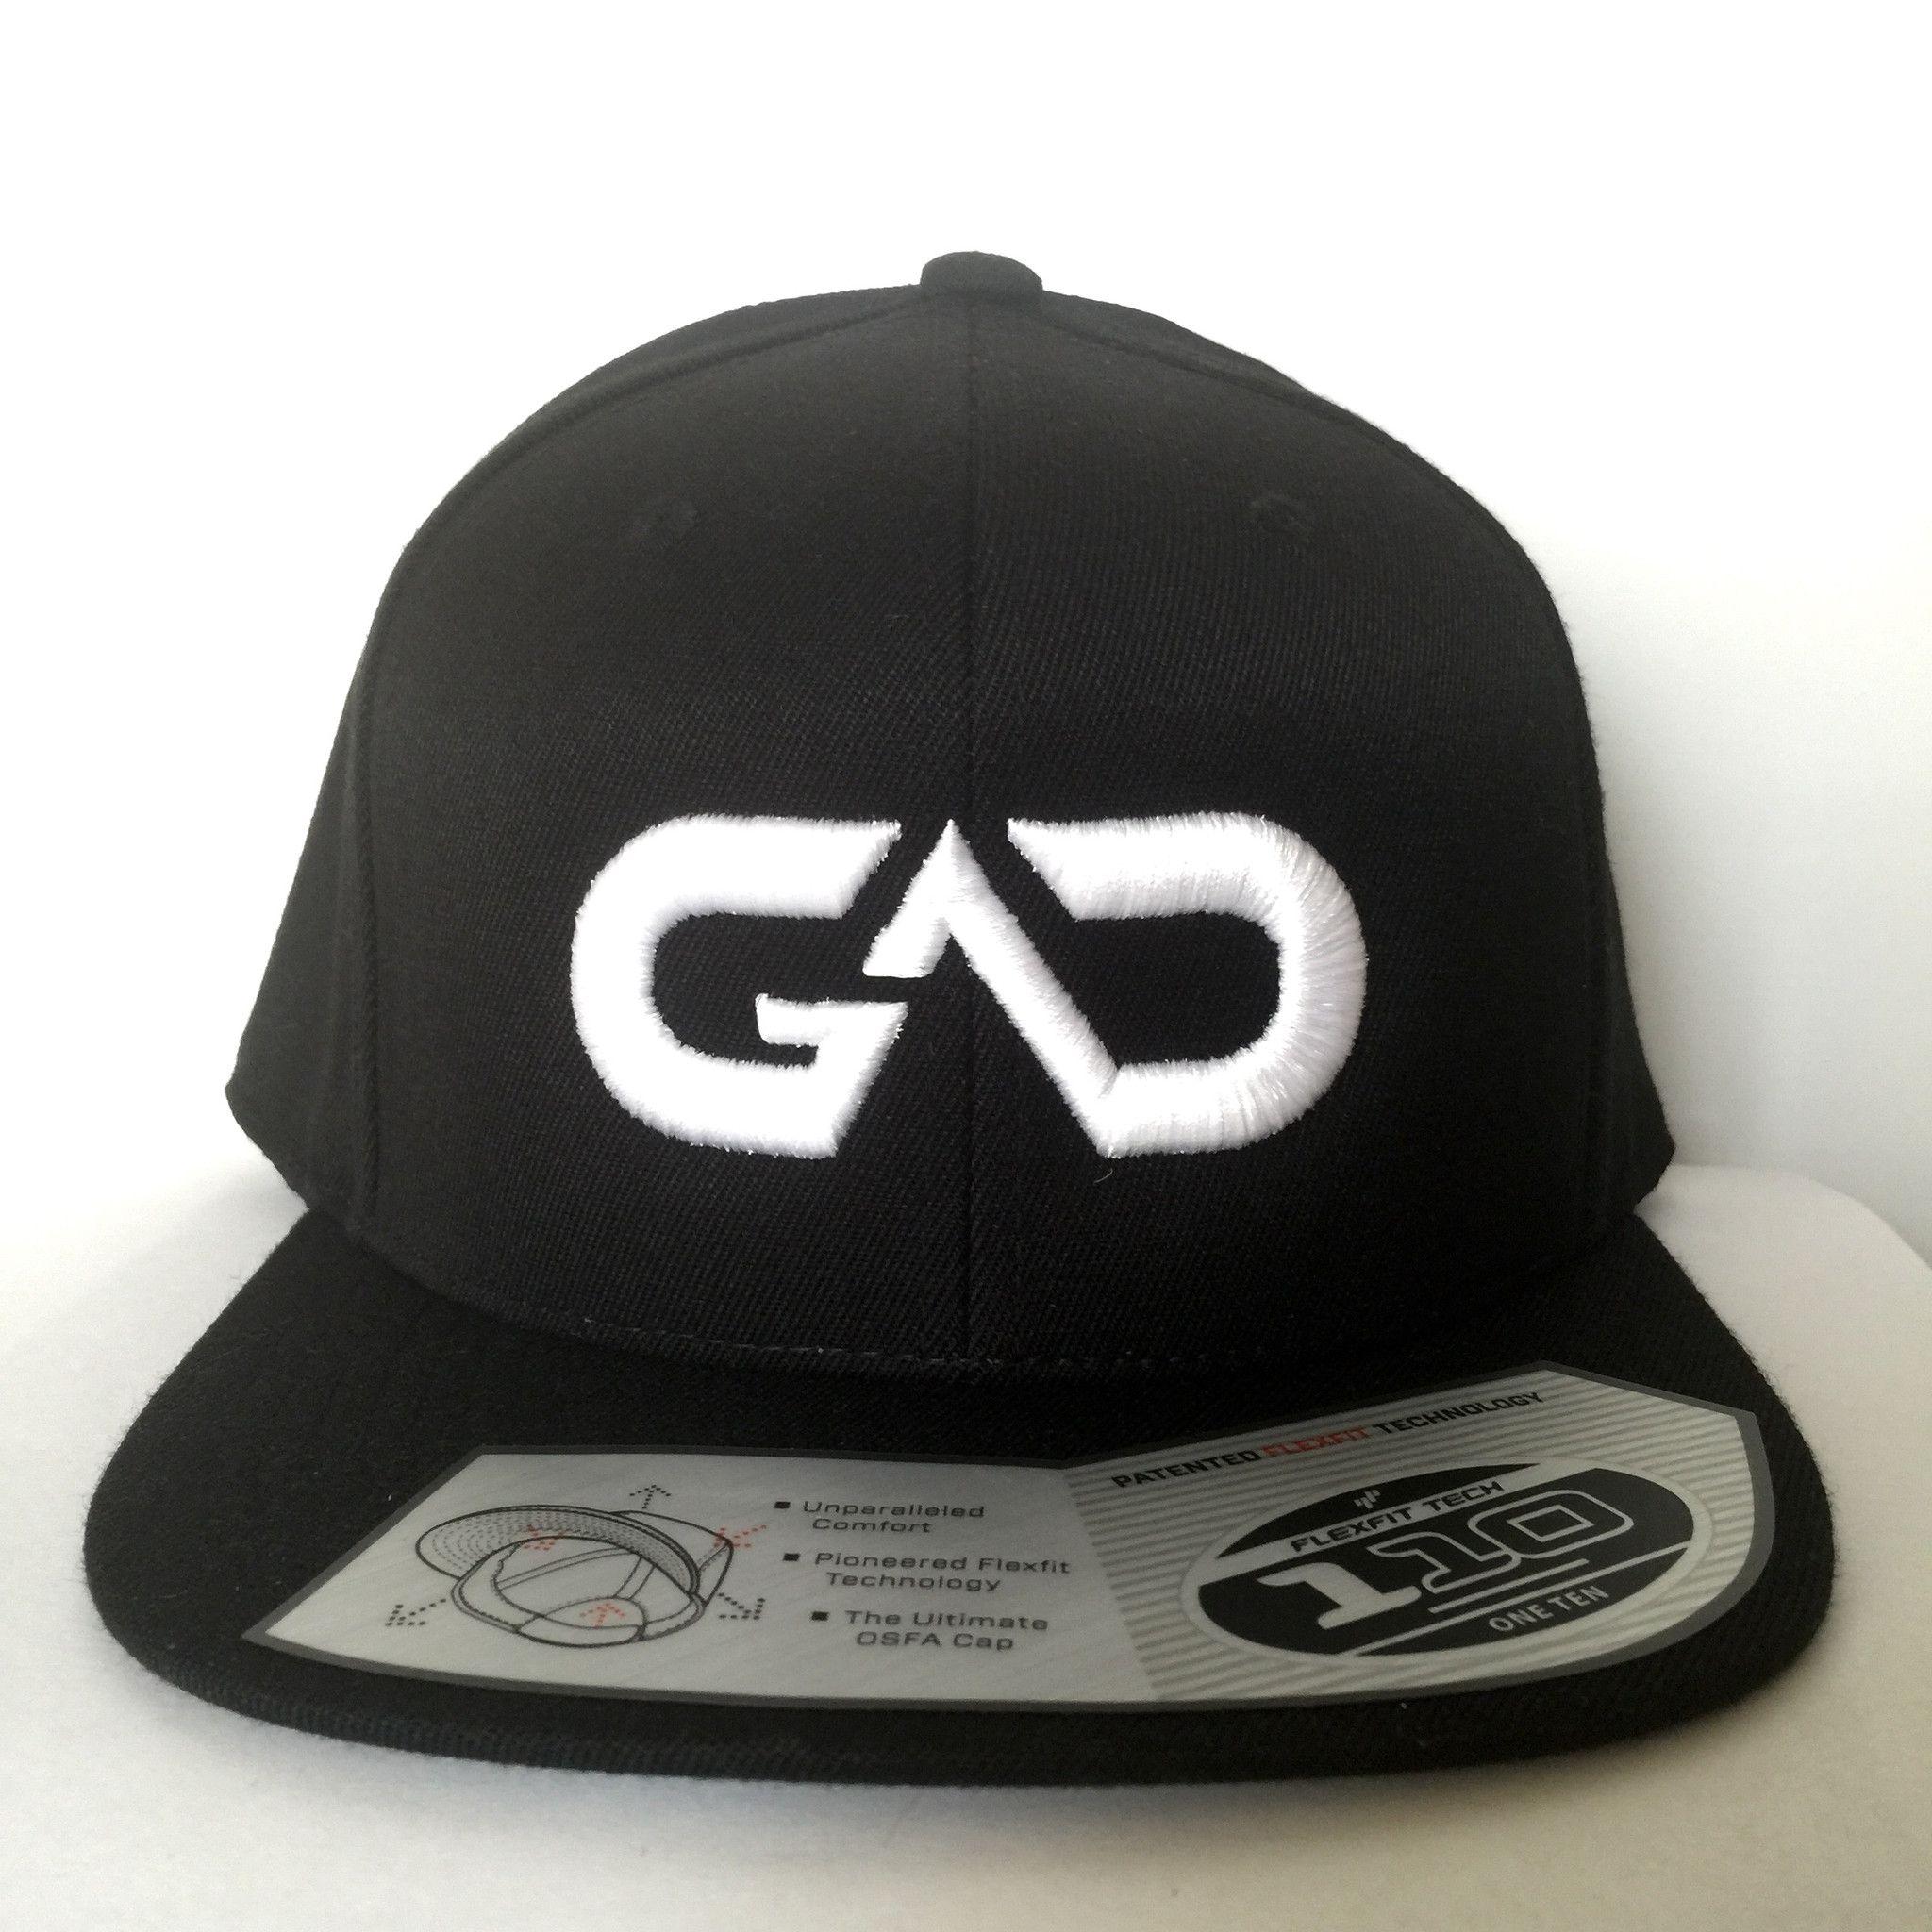 Go All Day Logo Snapback Hat Black Snapback Hats Hats Snapback